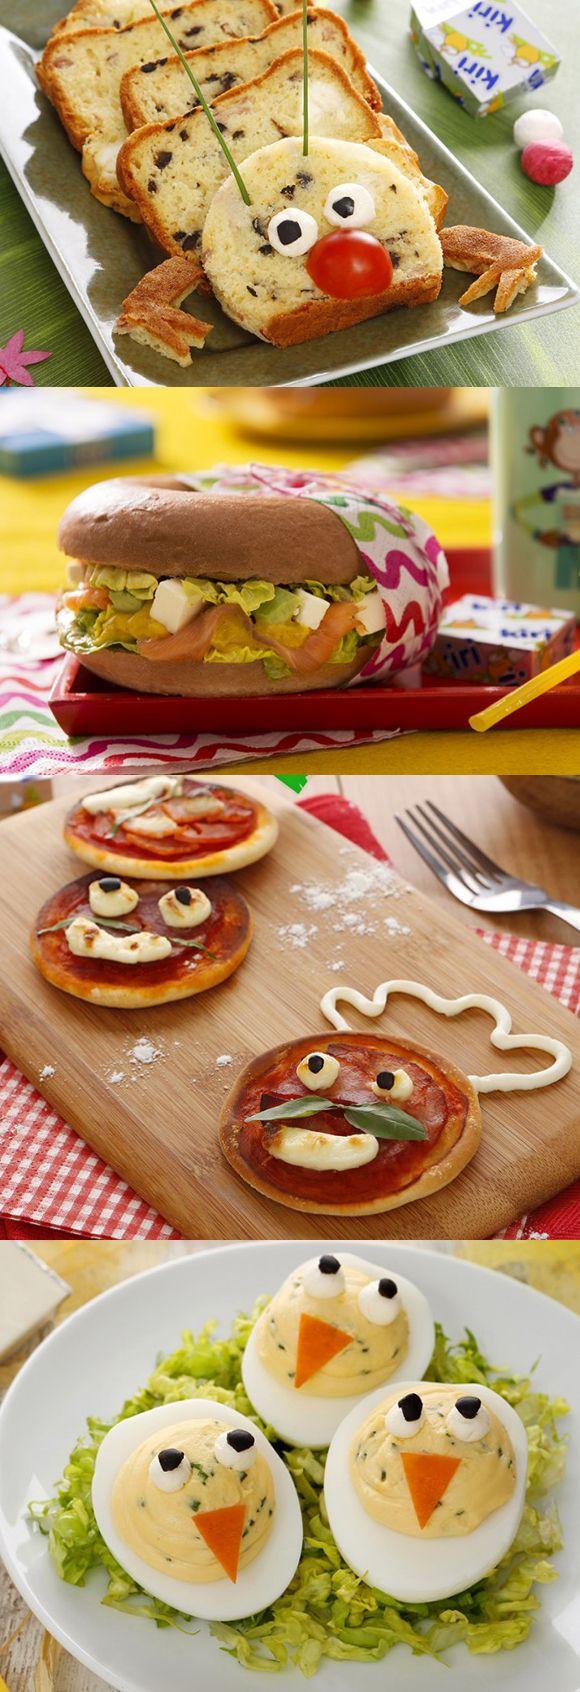 Des dizaines de recettes rigolotes et gourmandes, avec Kiri®, à découvrir sur notre site :) #kiri #recette #miam #yummy #recipe #gourmand #plat #cream #cheese #fromage #kids #food #enfnat #rigolo #fun #foodart #cake #Pizza #baggle #oeuf